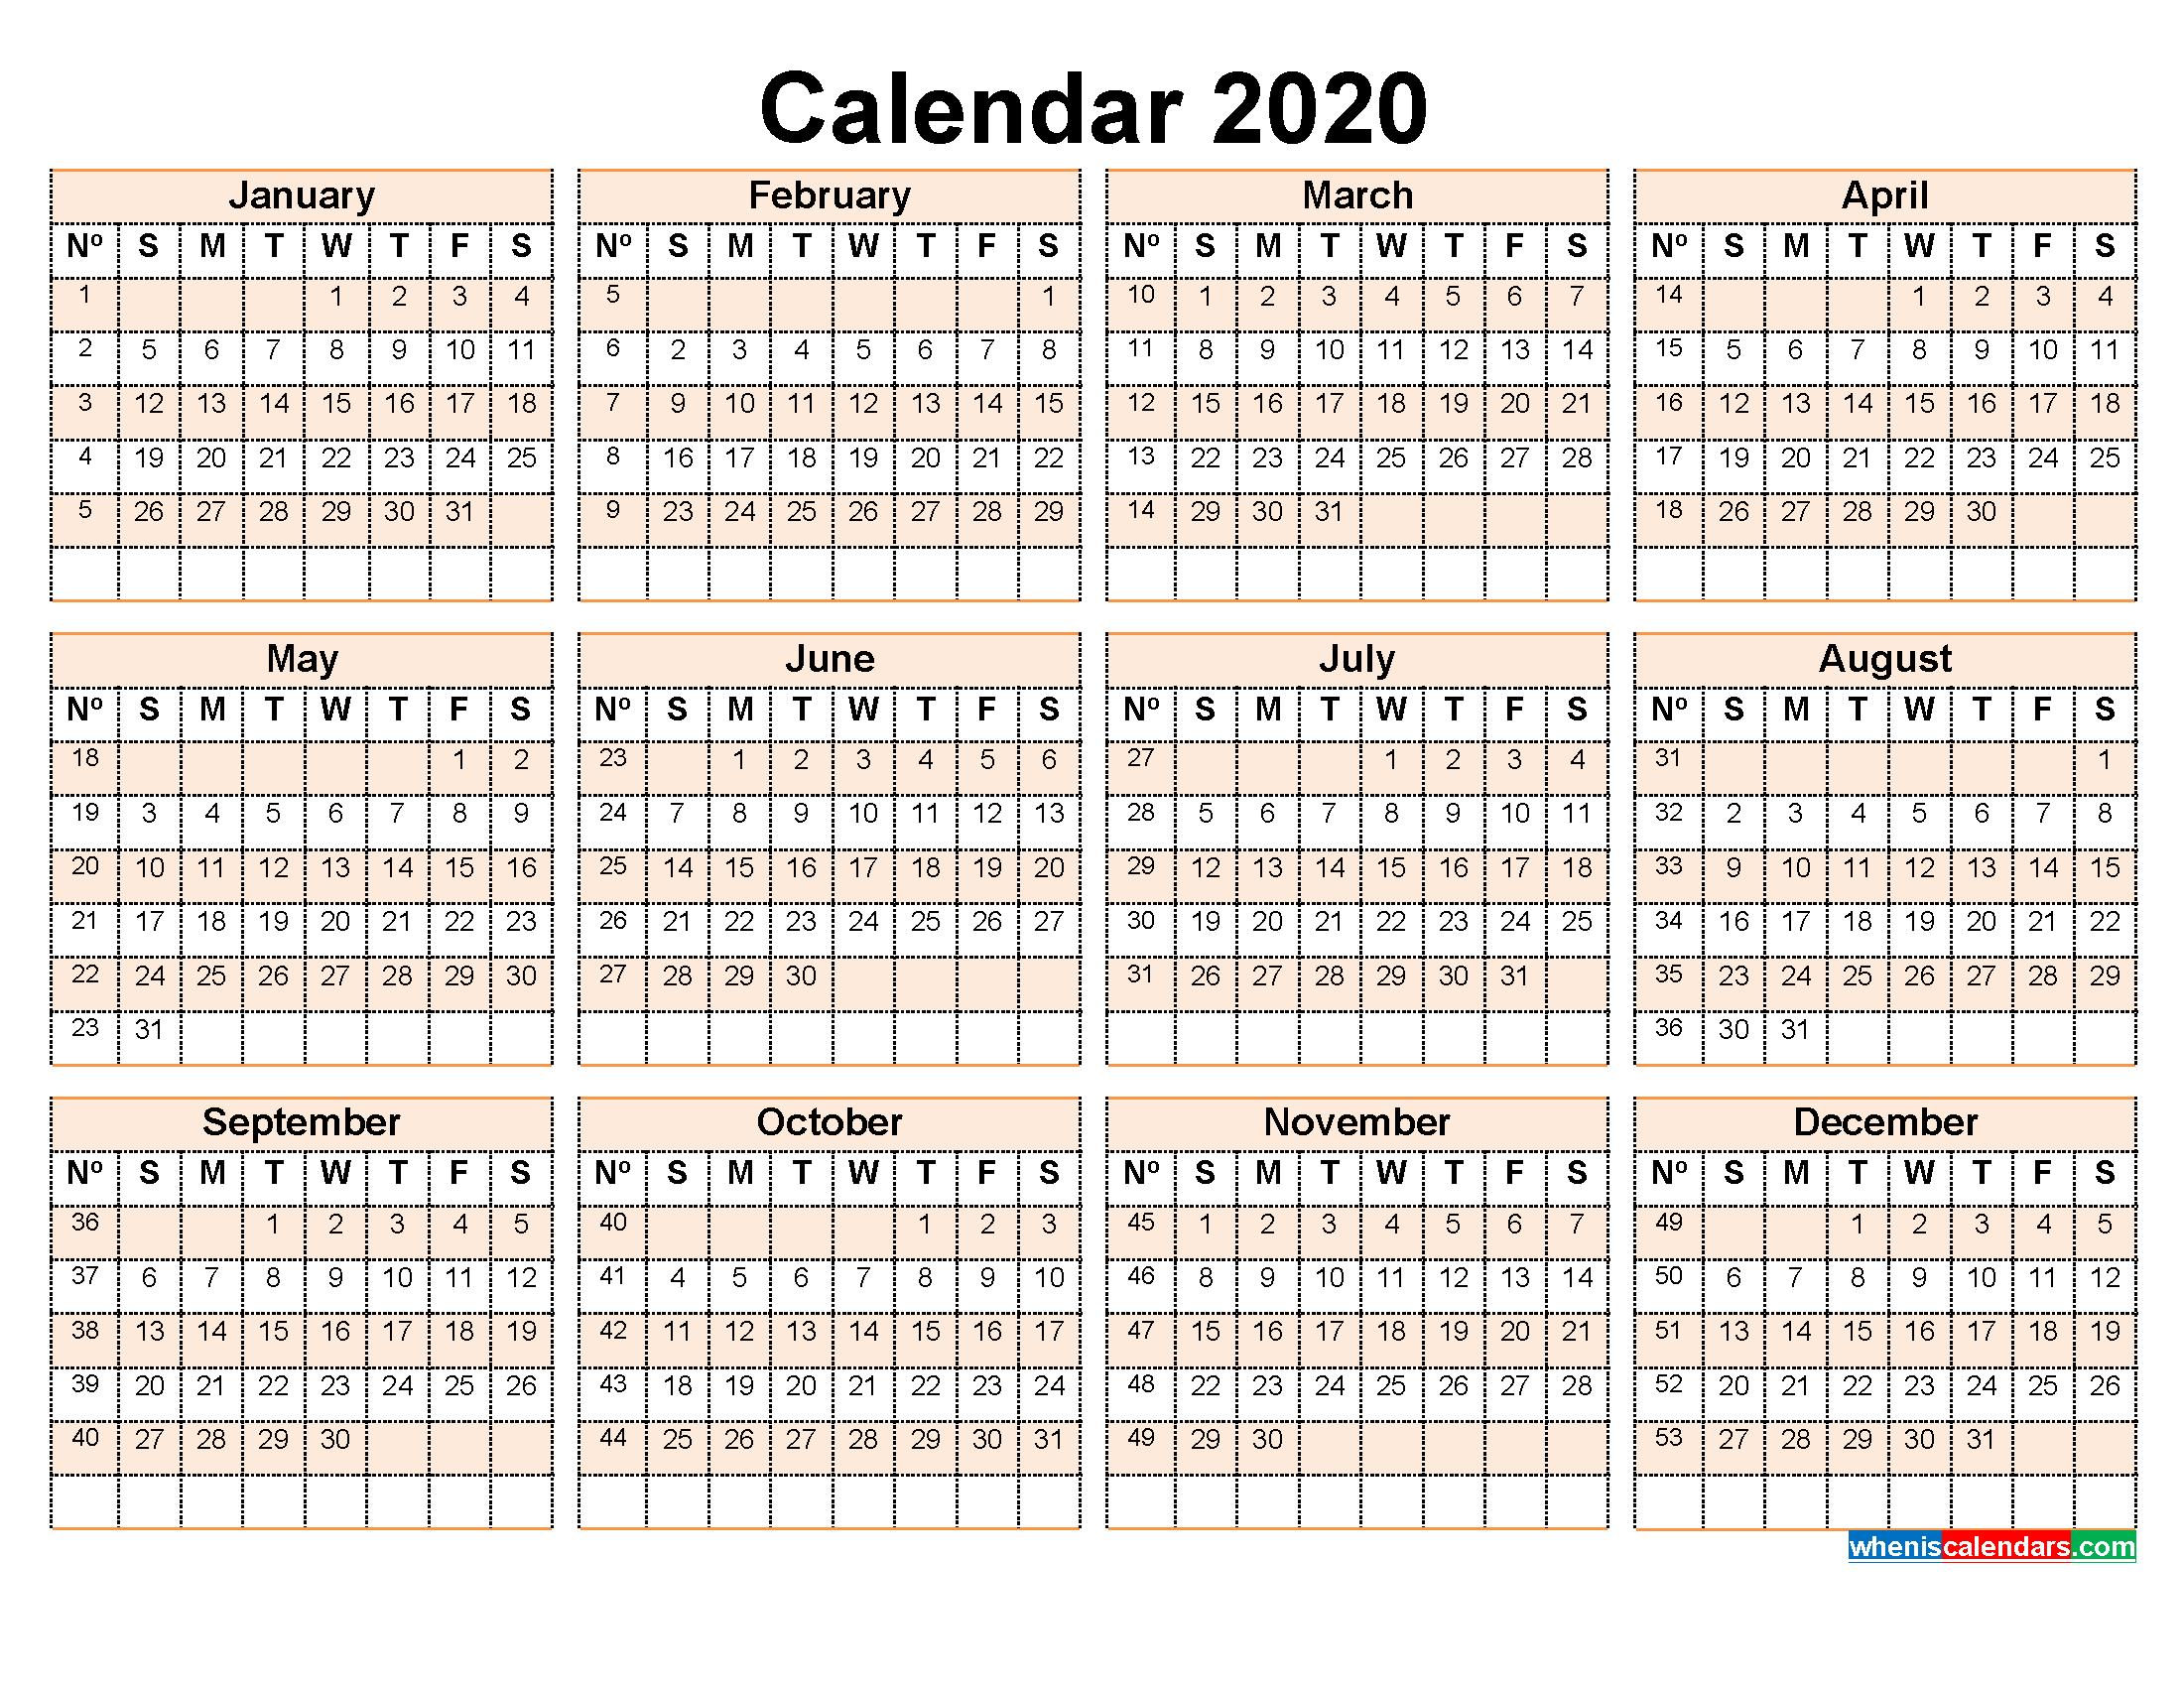 2020 Calendar With Week Numbers Printable Word, Pdf  Calendar By Week Number Pdf